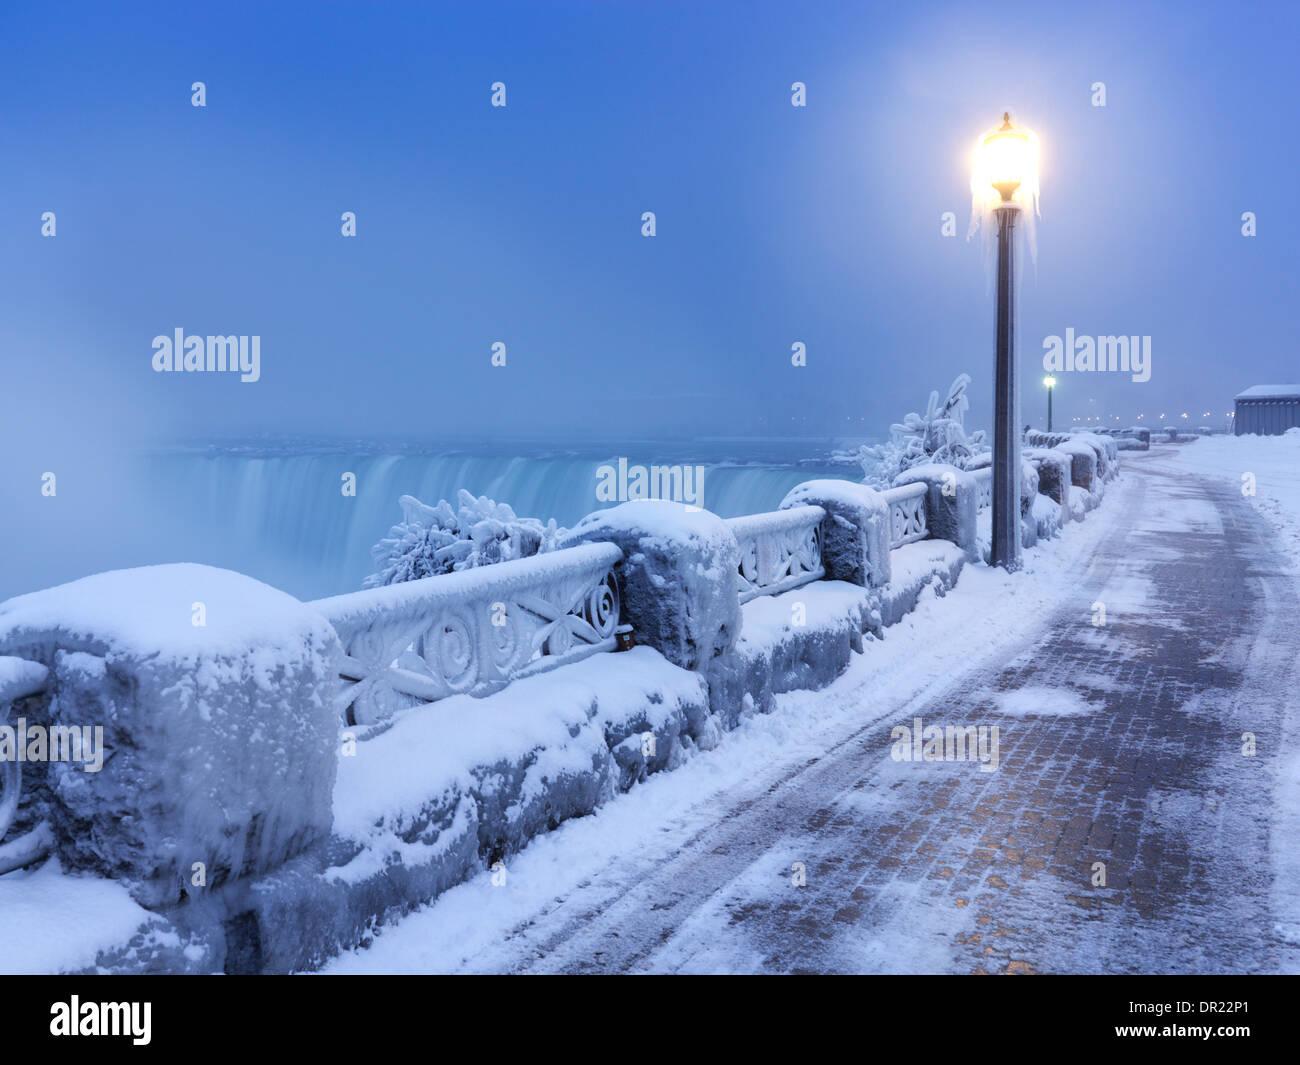 Bürgersteig bedeckt mit Schnee und einen Laternenpfahl, ruhige Stadt-Landschaft an den Niagarafällen. Hufeisen Wasserfall Winter malerische Stockbild